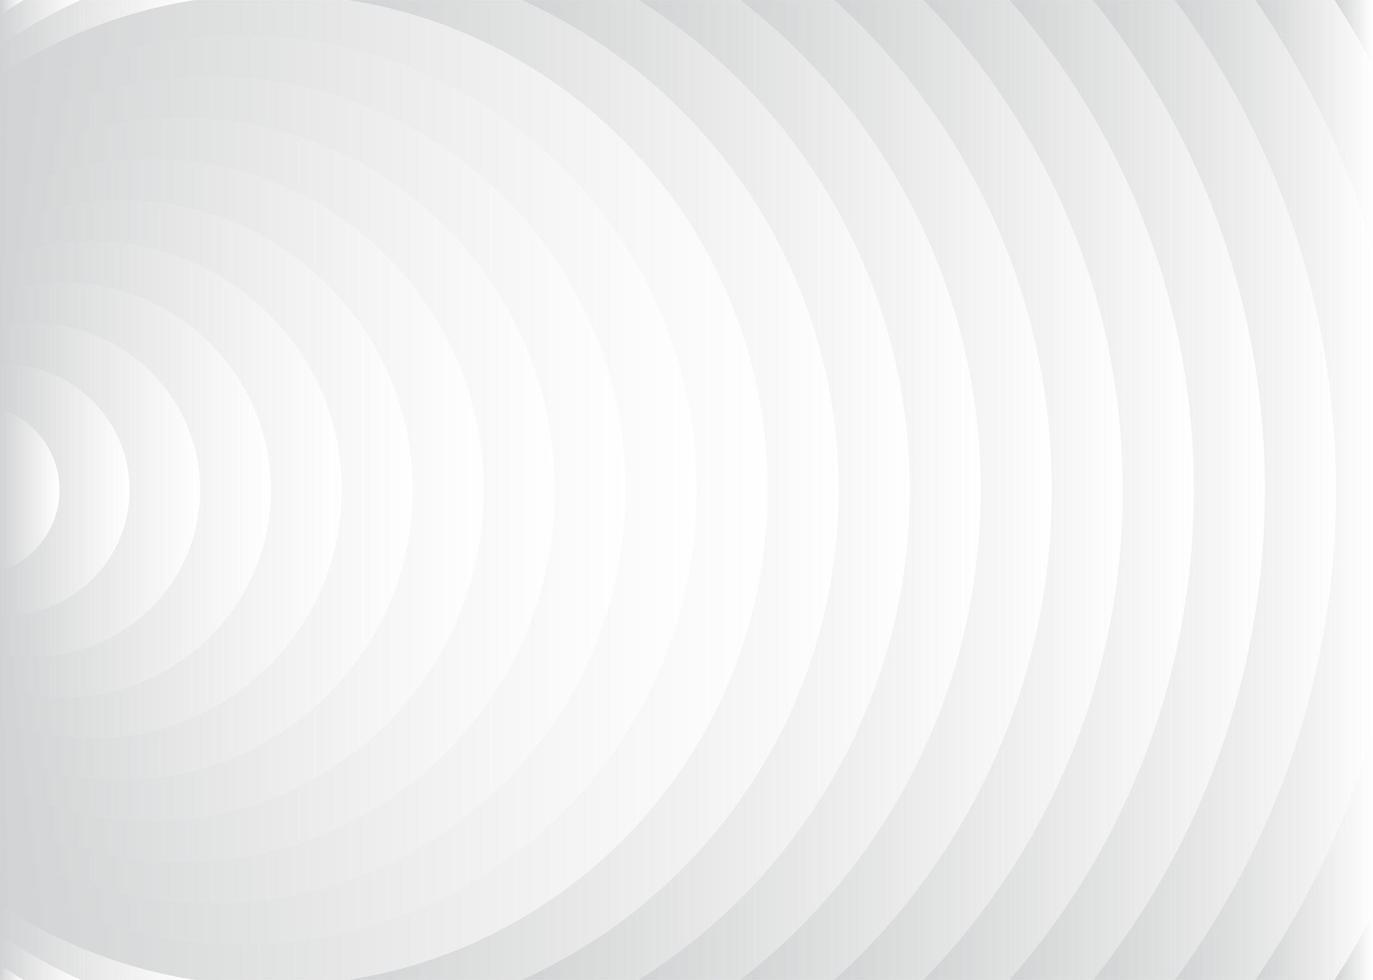 vit bakgrundsdesign vektor